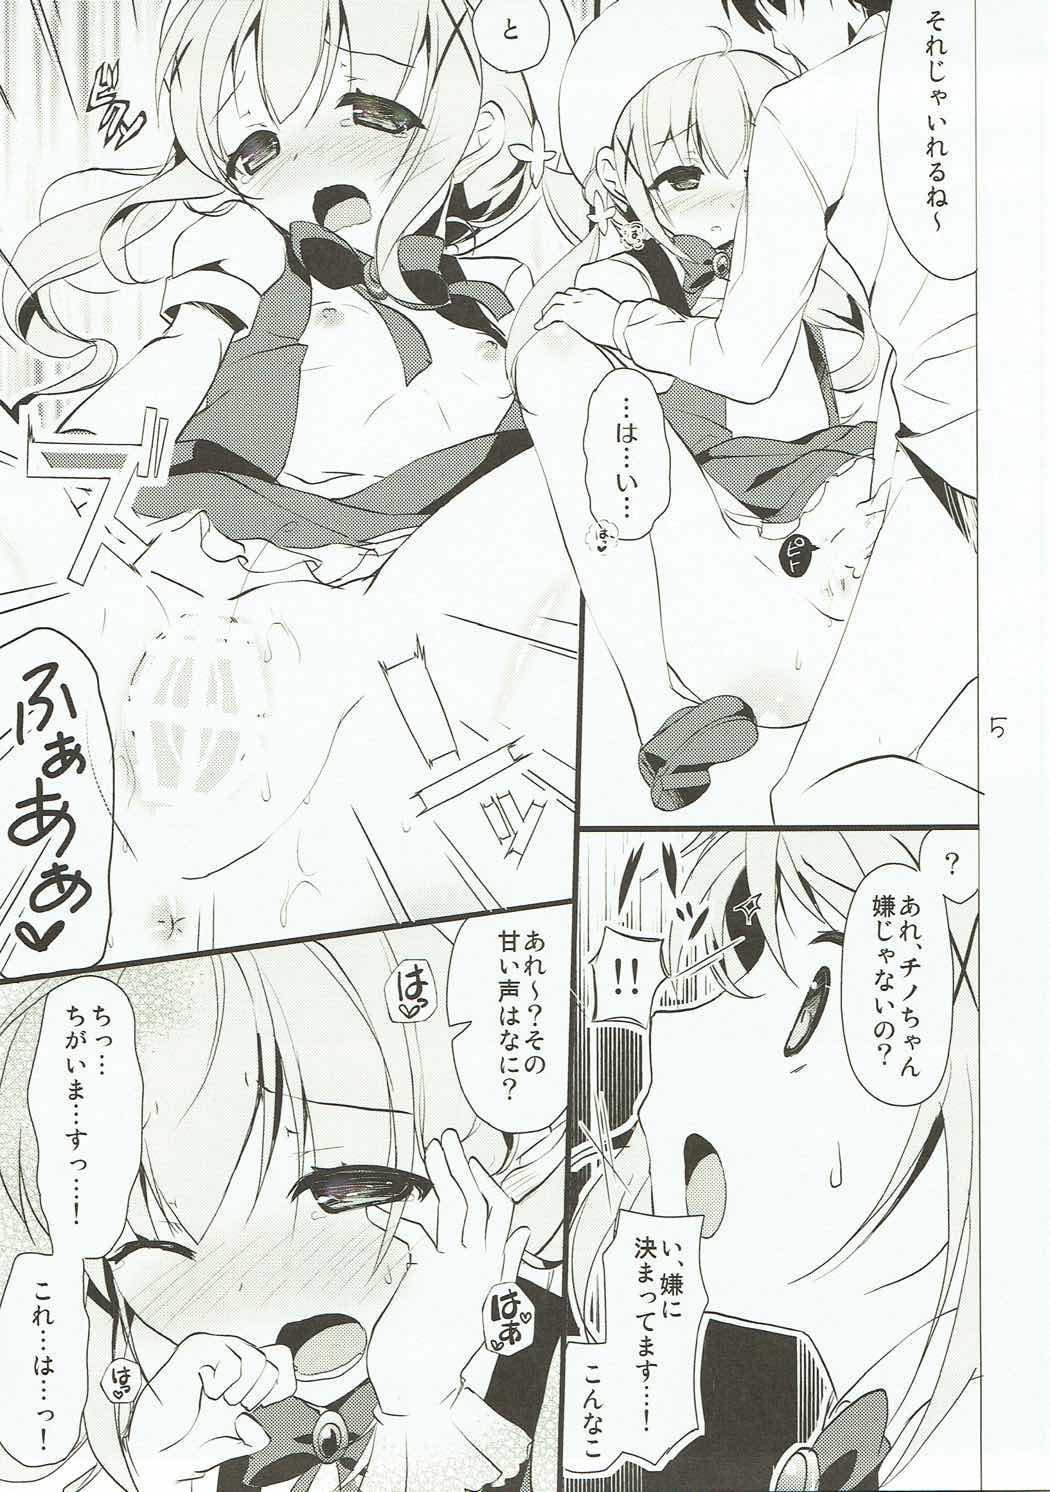 Gochuumon no ChinoSharo desu! 3